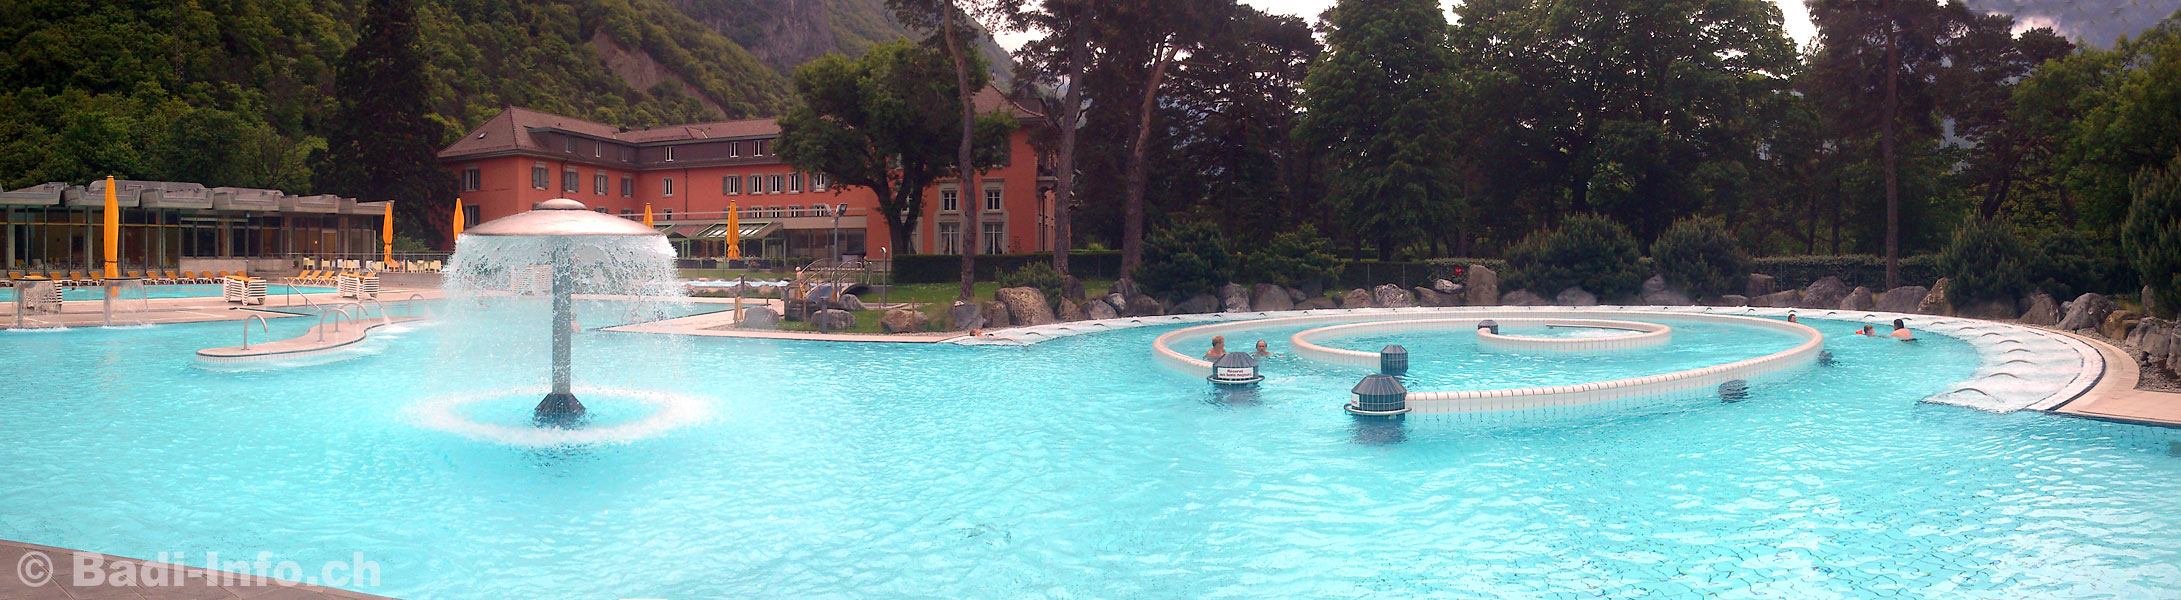 Bain thermal de lavey for Hotel des grands bains